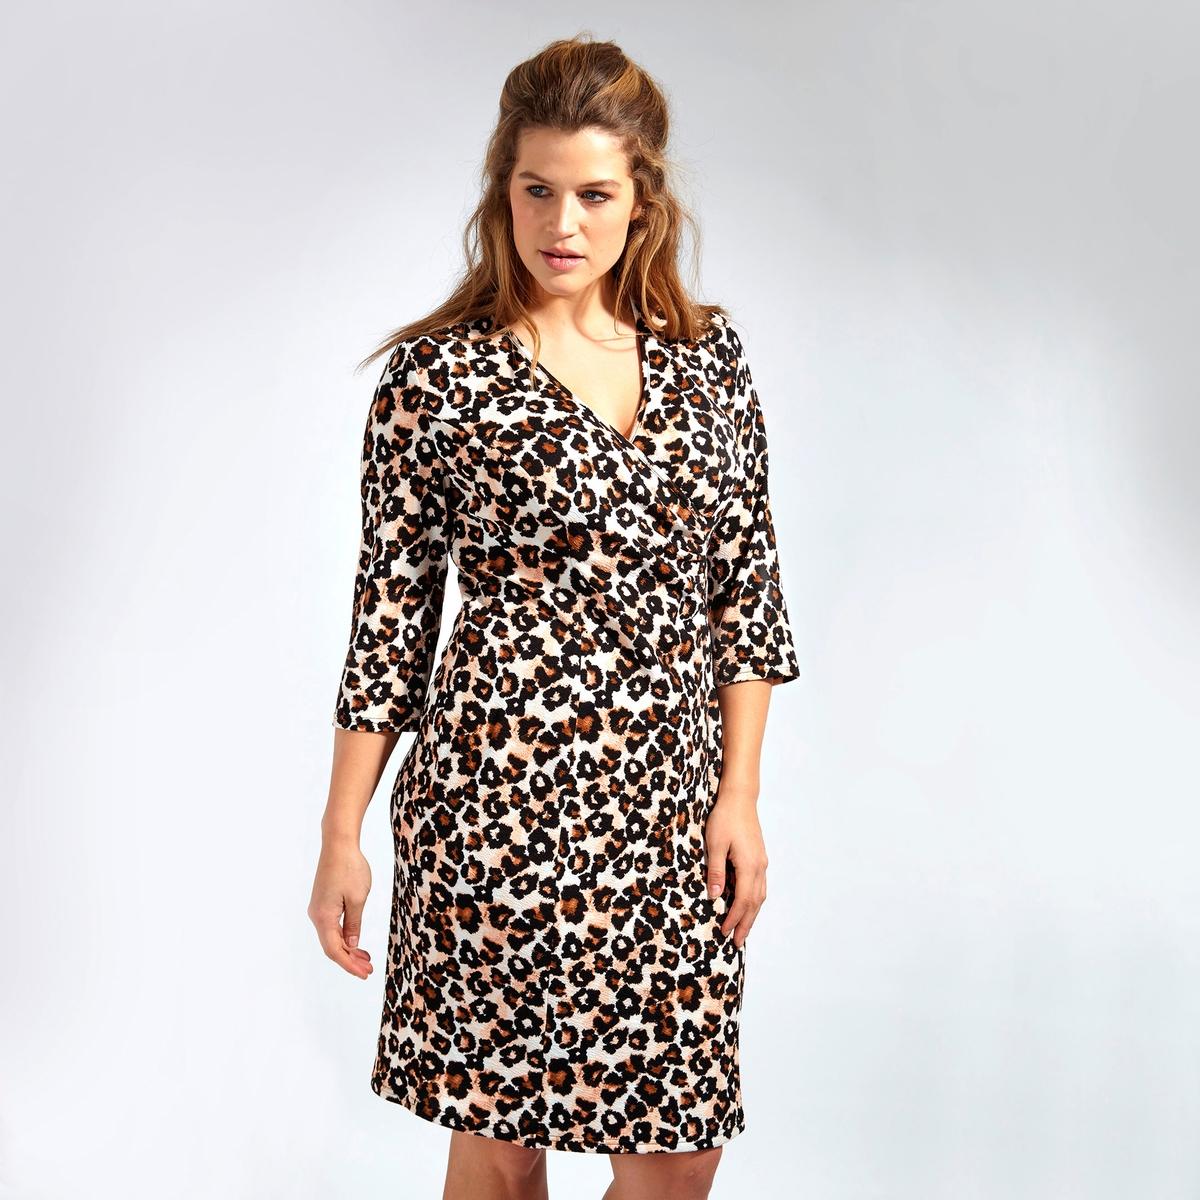 ПлатьеПлатье LOVEDROBE. Платье с рукавами 3/4 с красивым декольте . 100% полиэстер<br><br>Цвет: леопардовый рисунок